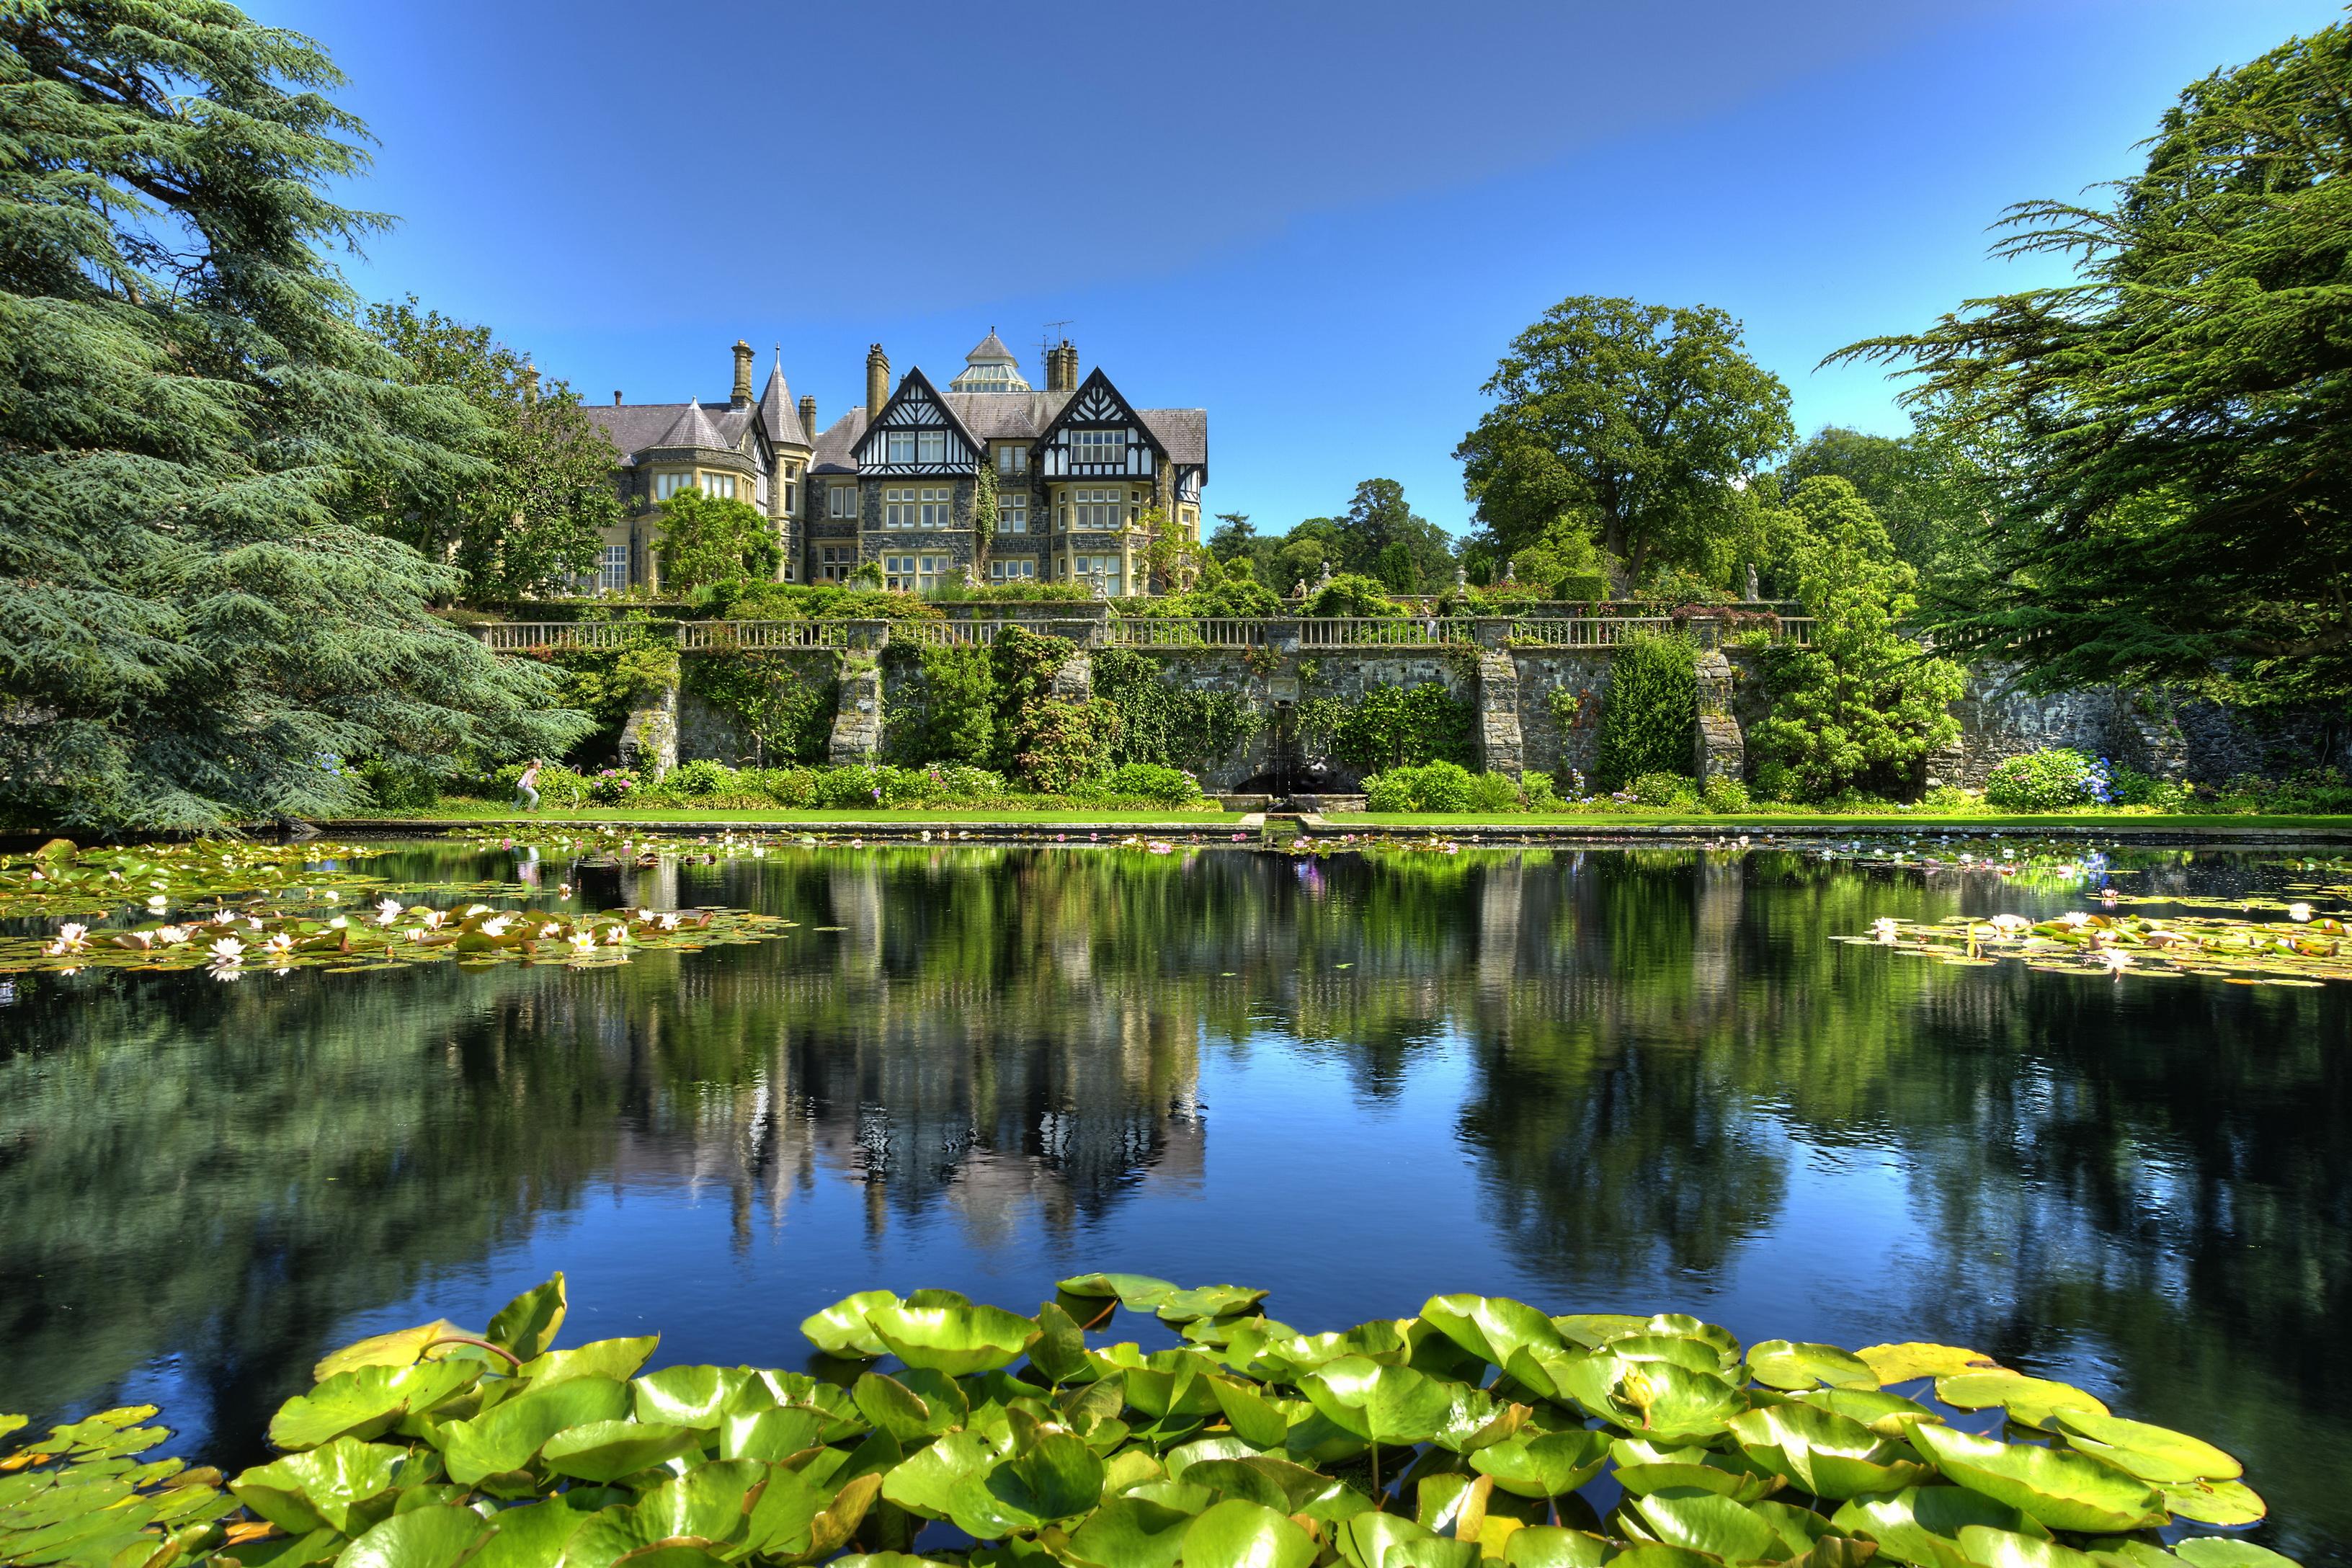 Озерцо возле дома, Англия  № 1486967 без смс